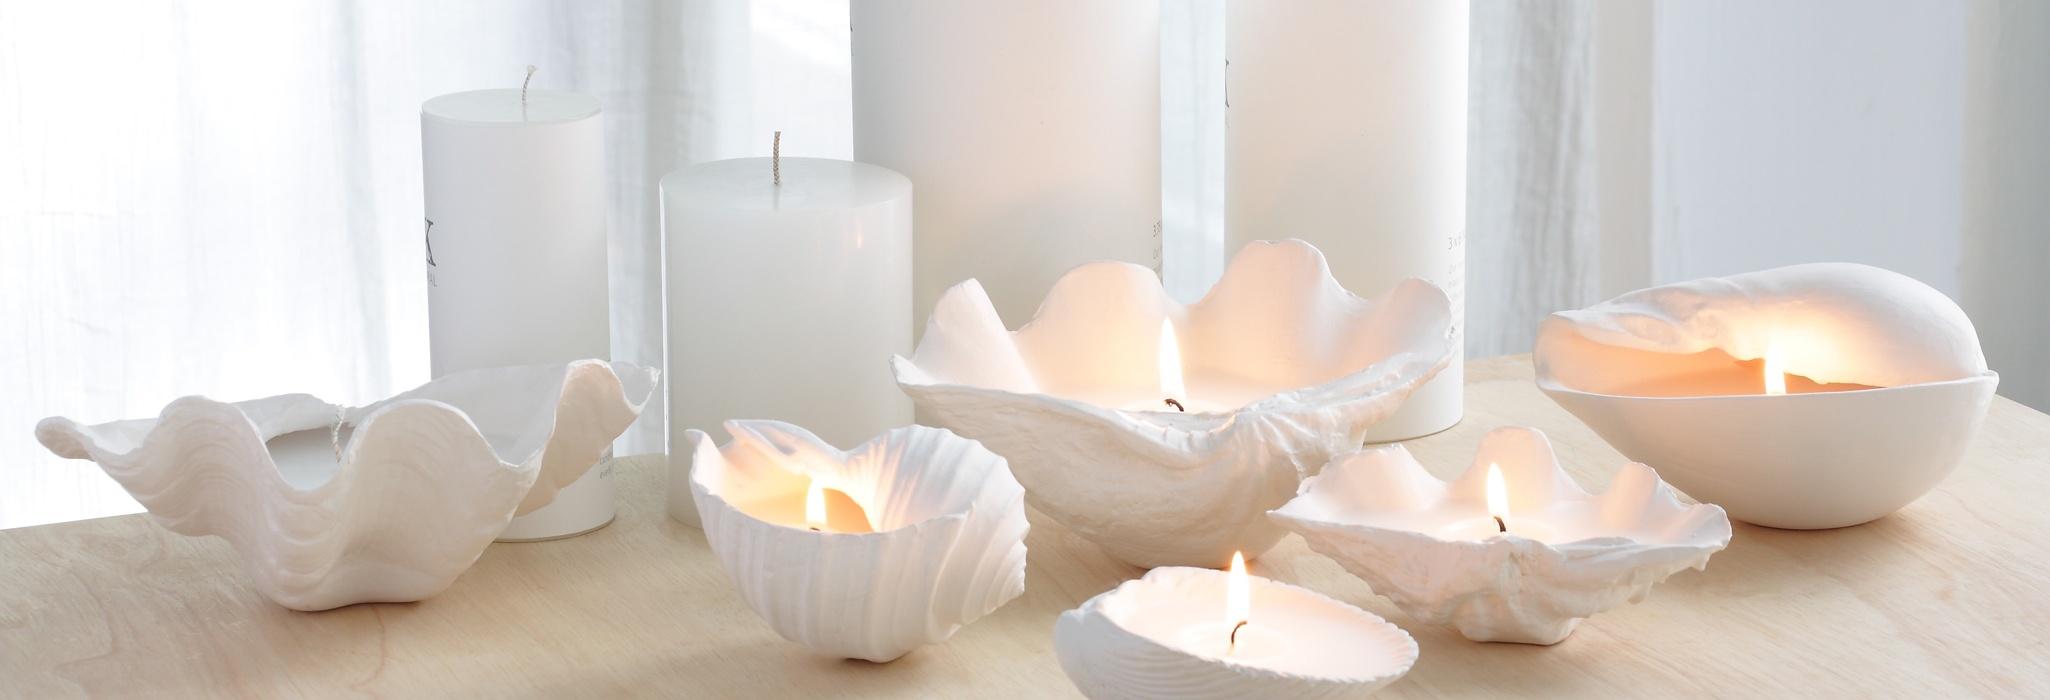 شمع میله ای ١٨ میلی متر